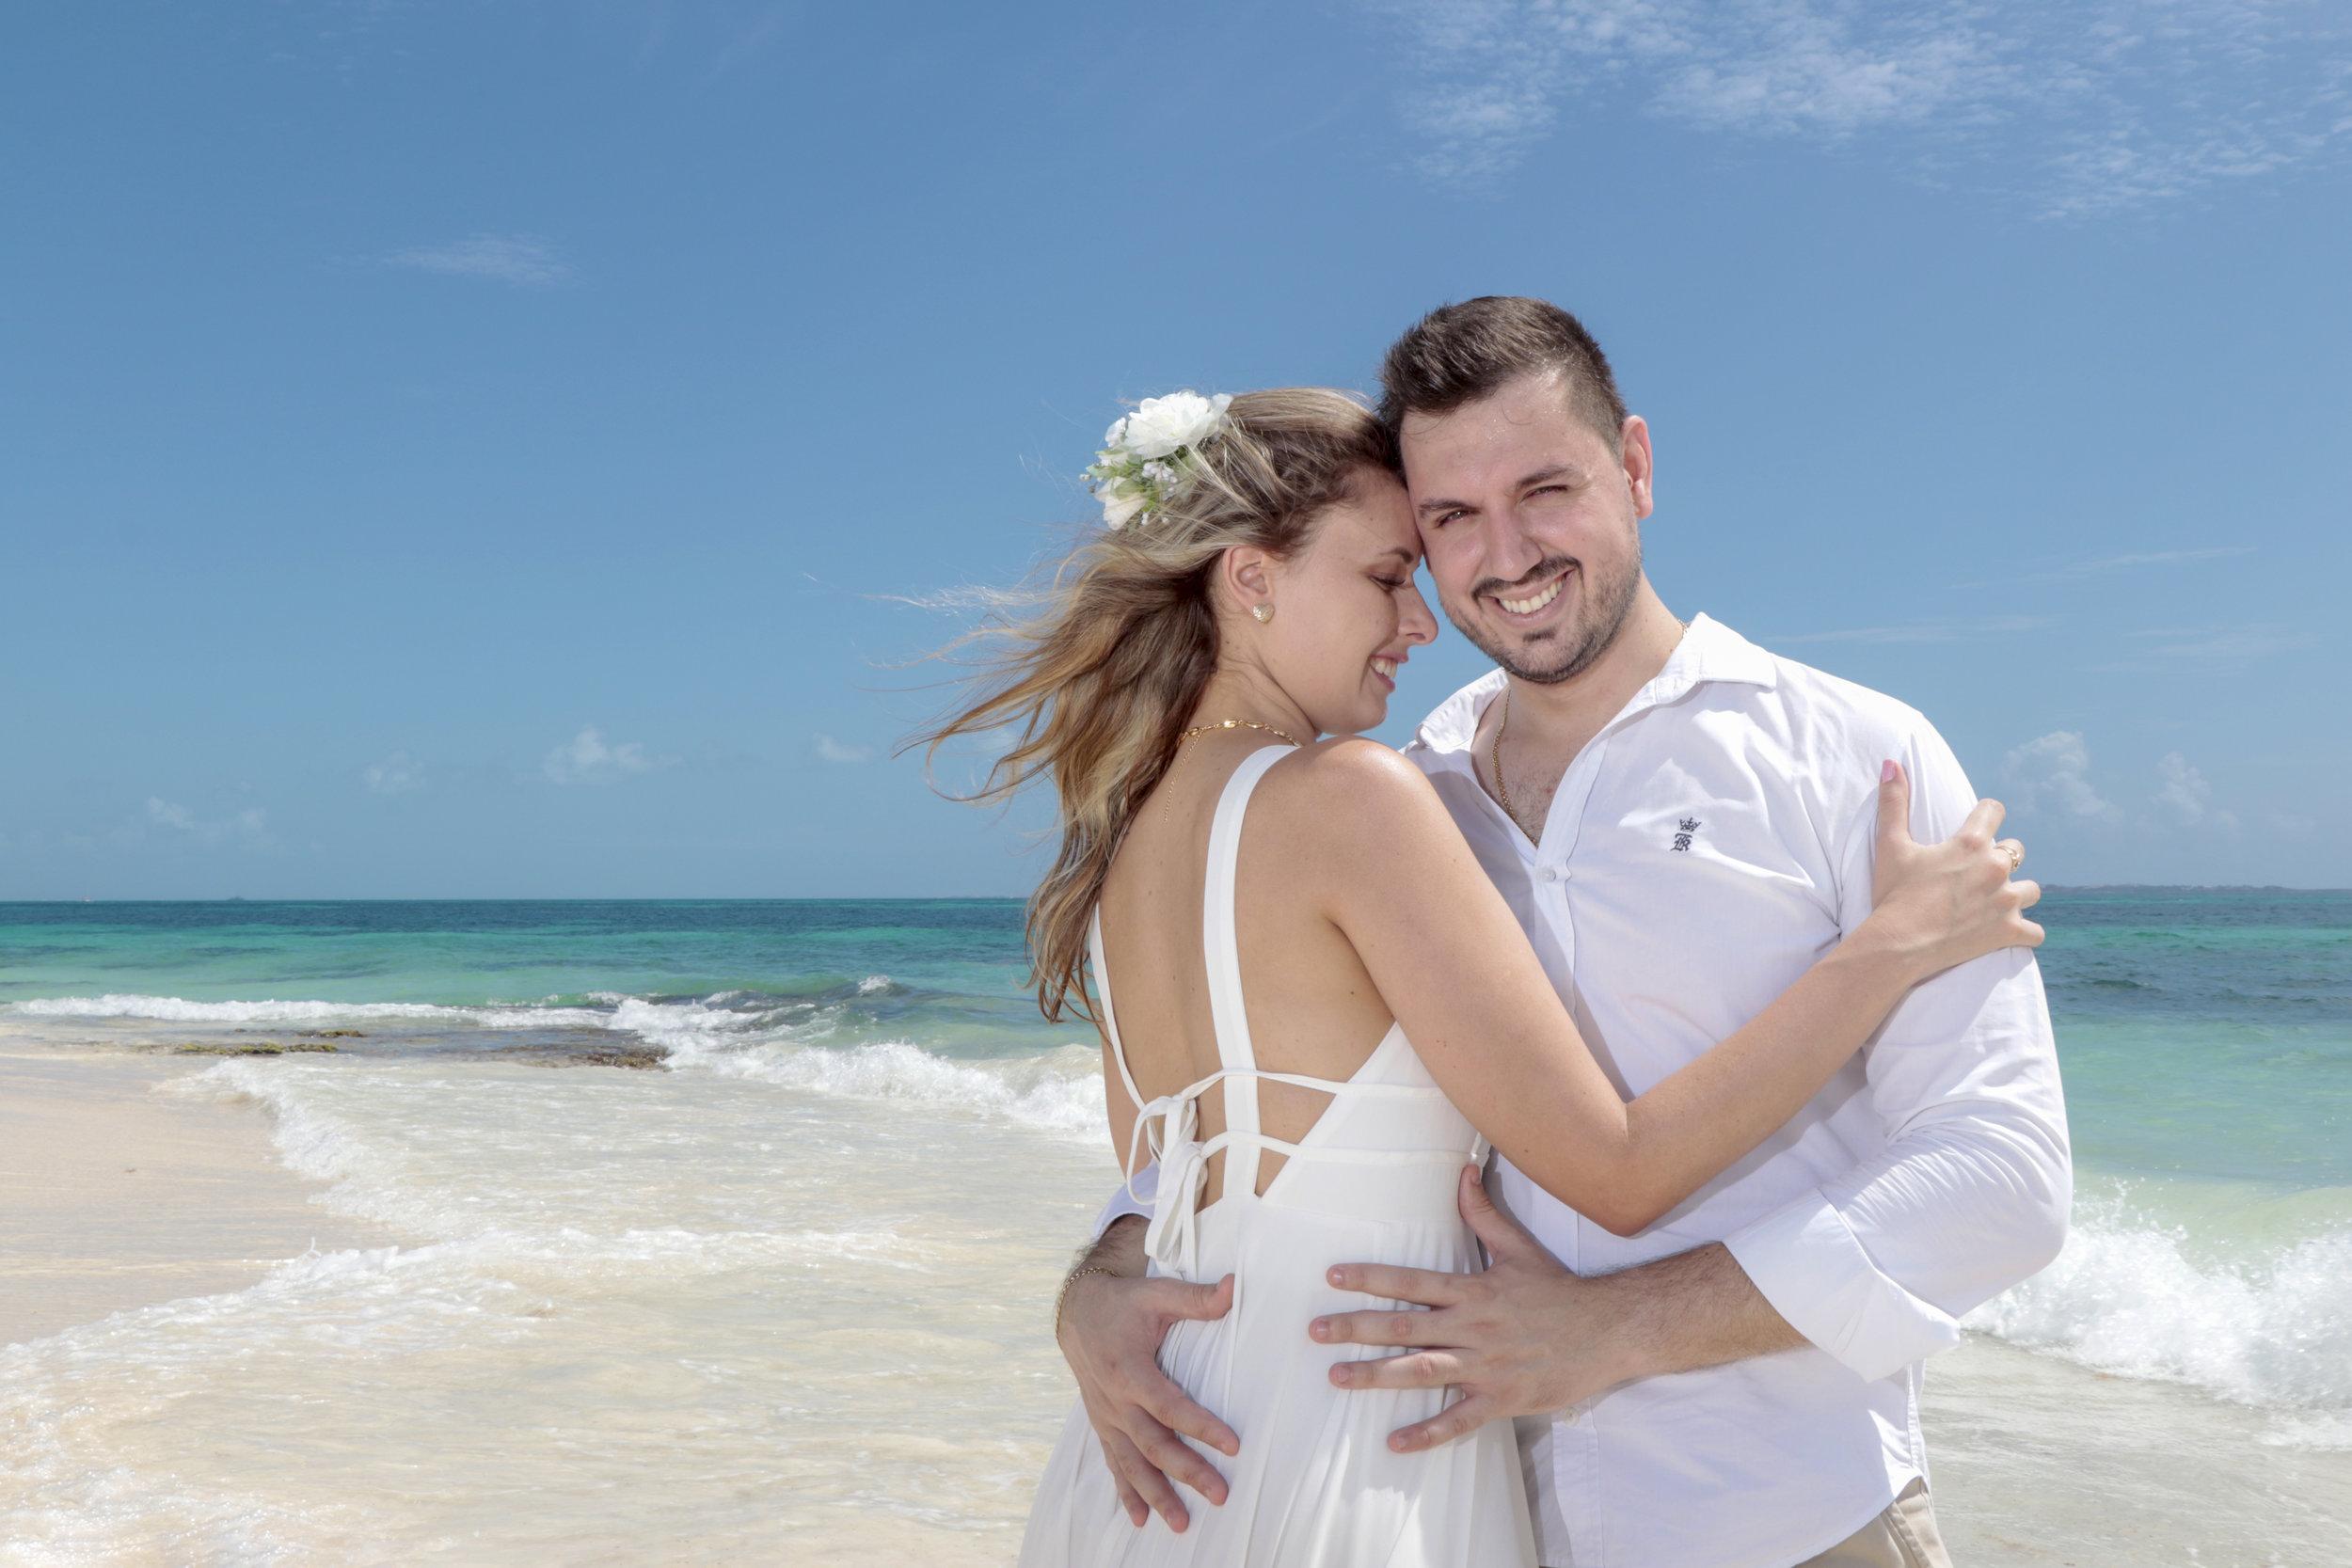 Ensaio Fotografico em Cancun 06.JPG